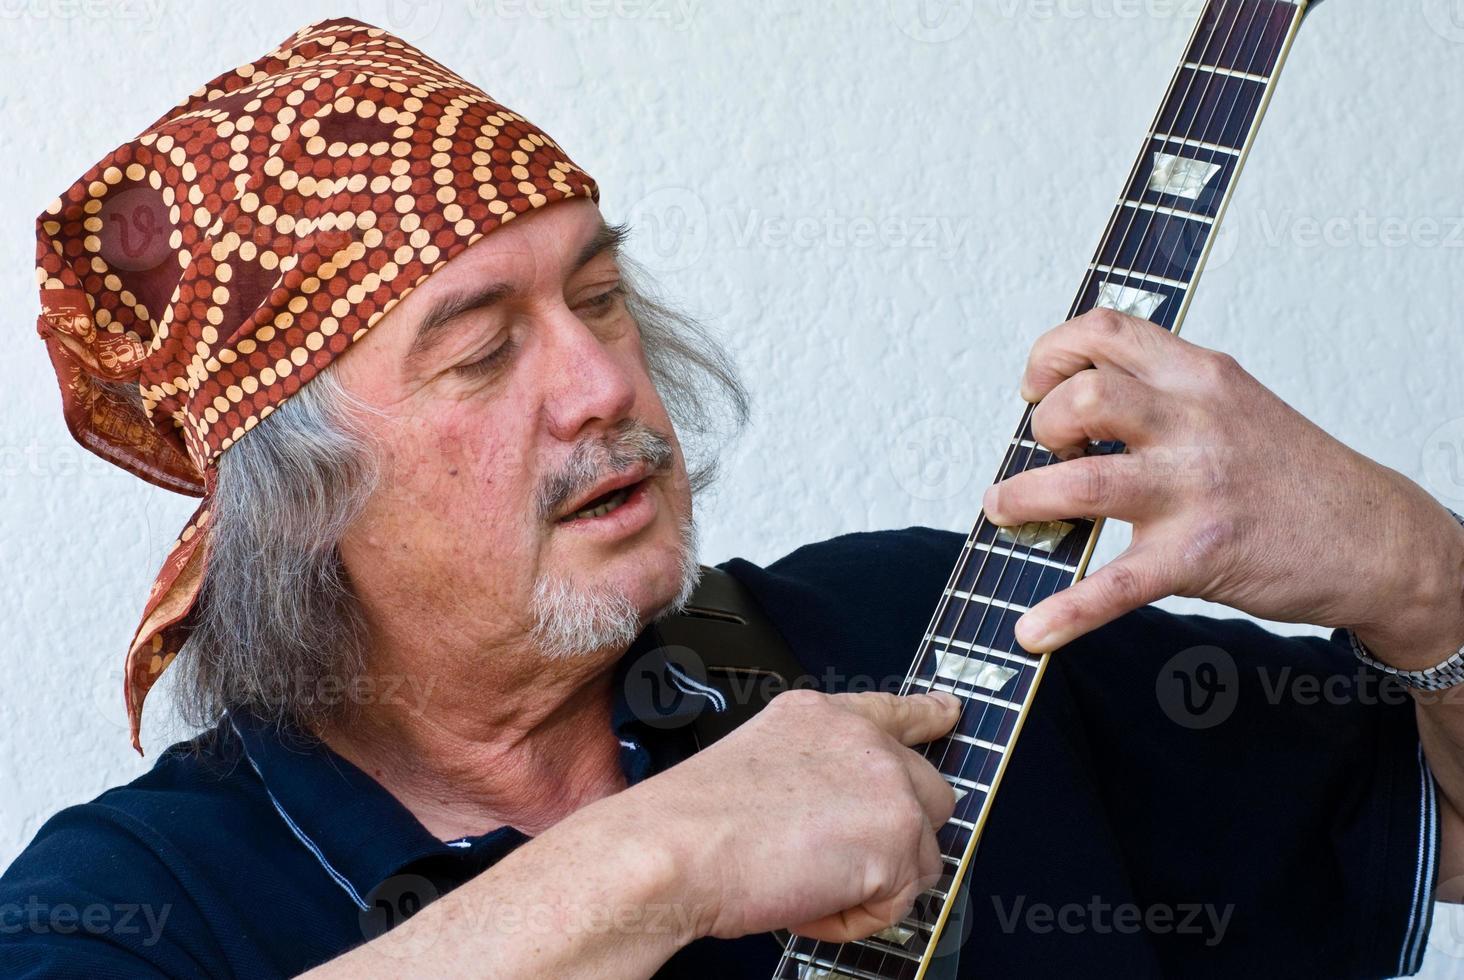 chitarrista bandana foto